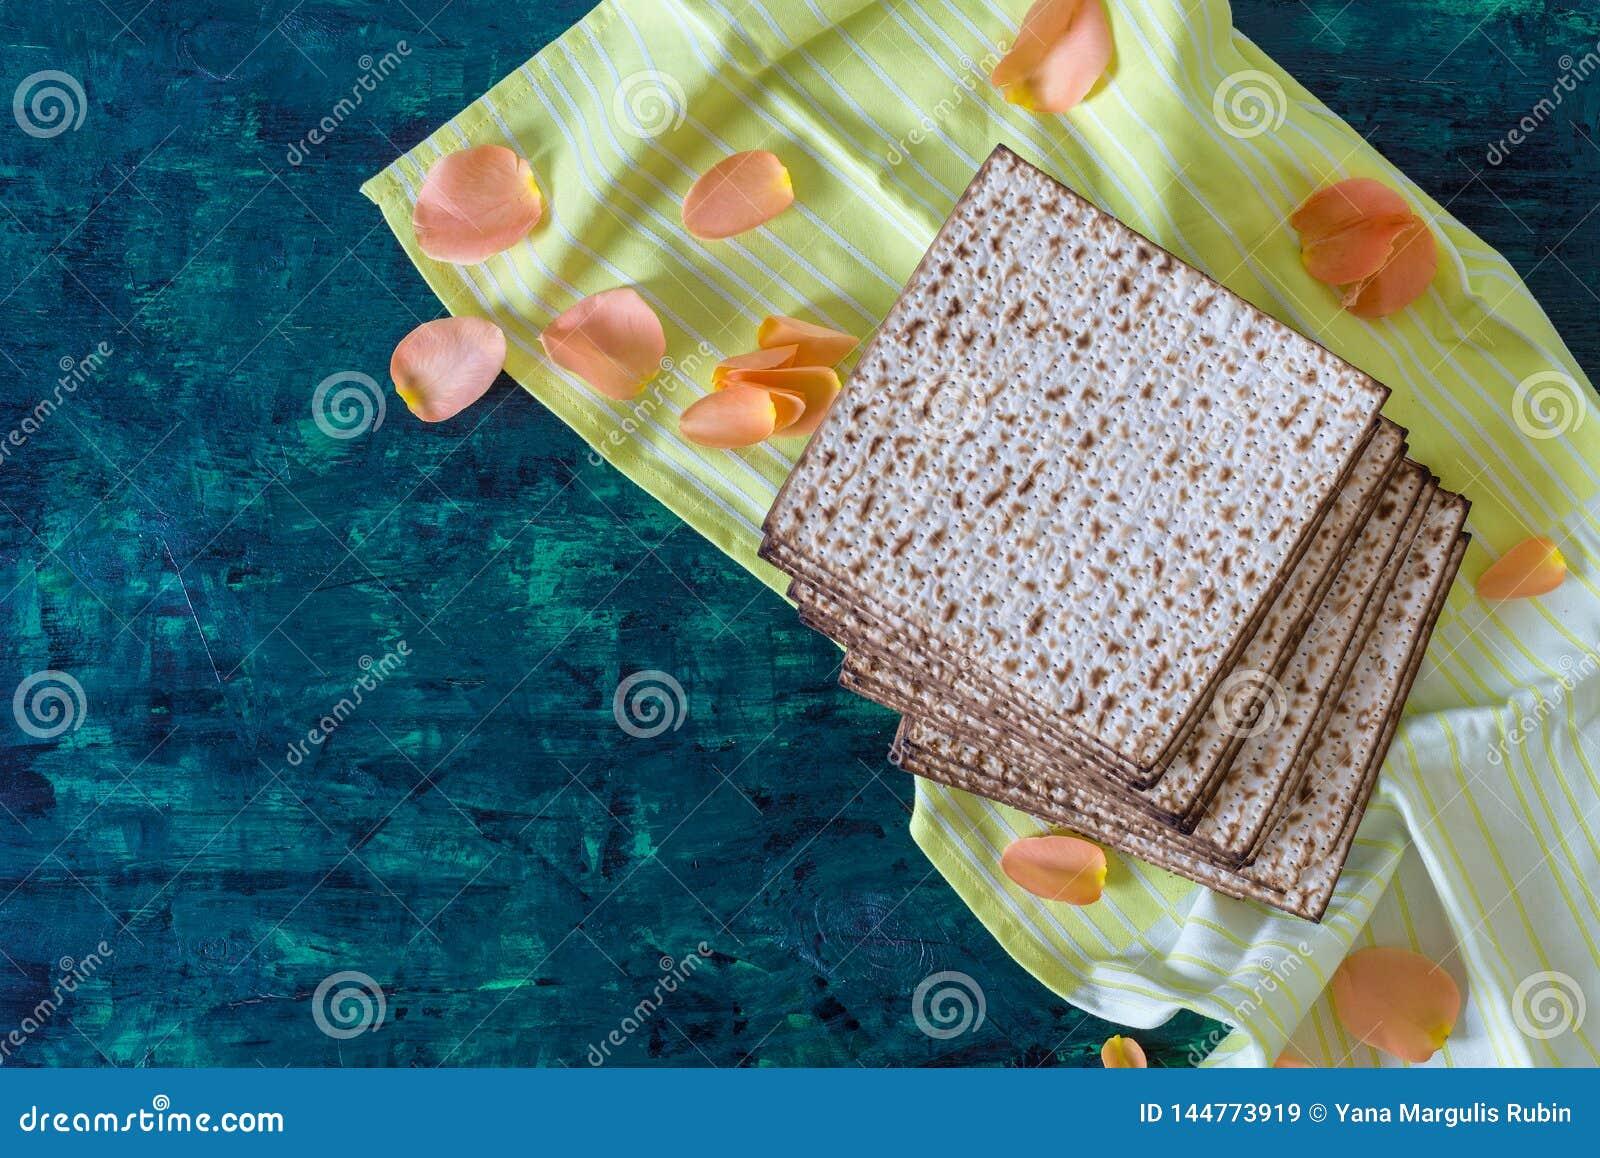 Pila de matzah o de matza en una tabla de madera